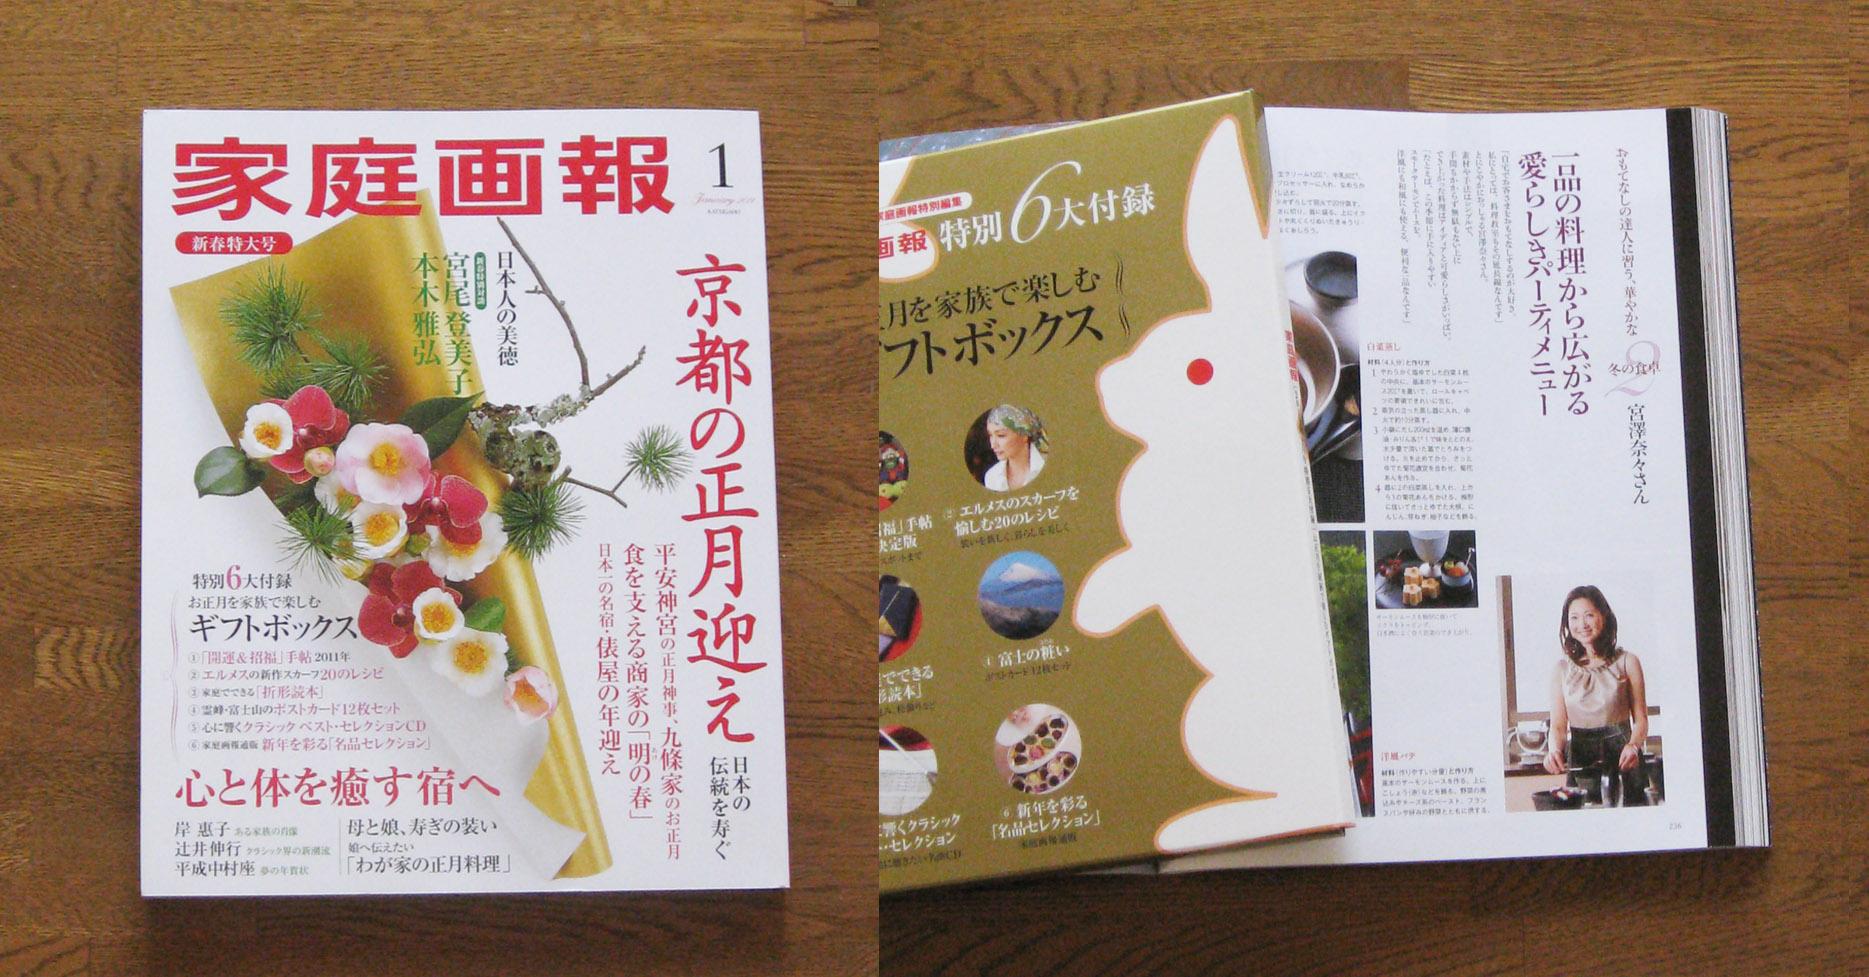 家庭画報 新年特大号(発行 世界文化社)誌面は購入してからのお楽しみ!特別付録もついてます!